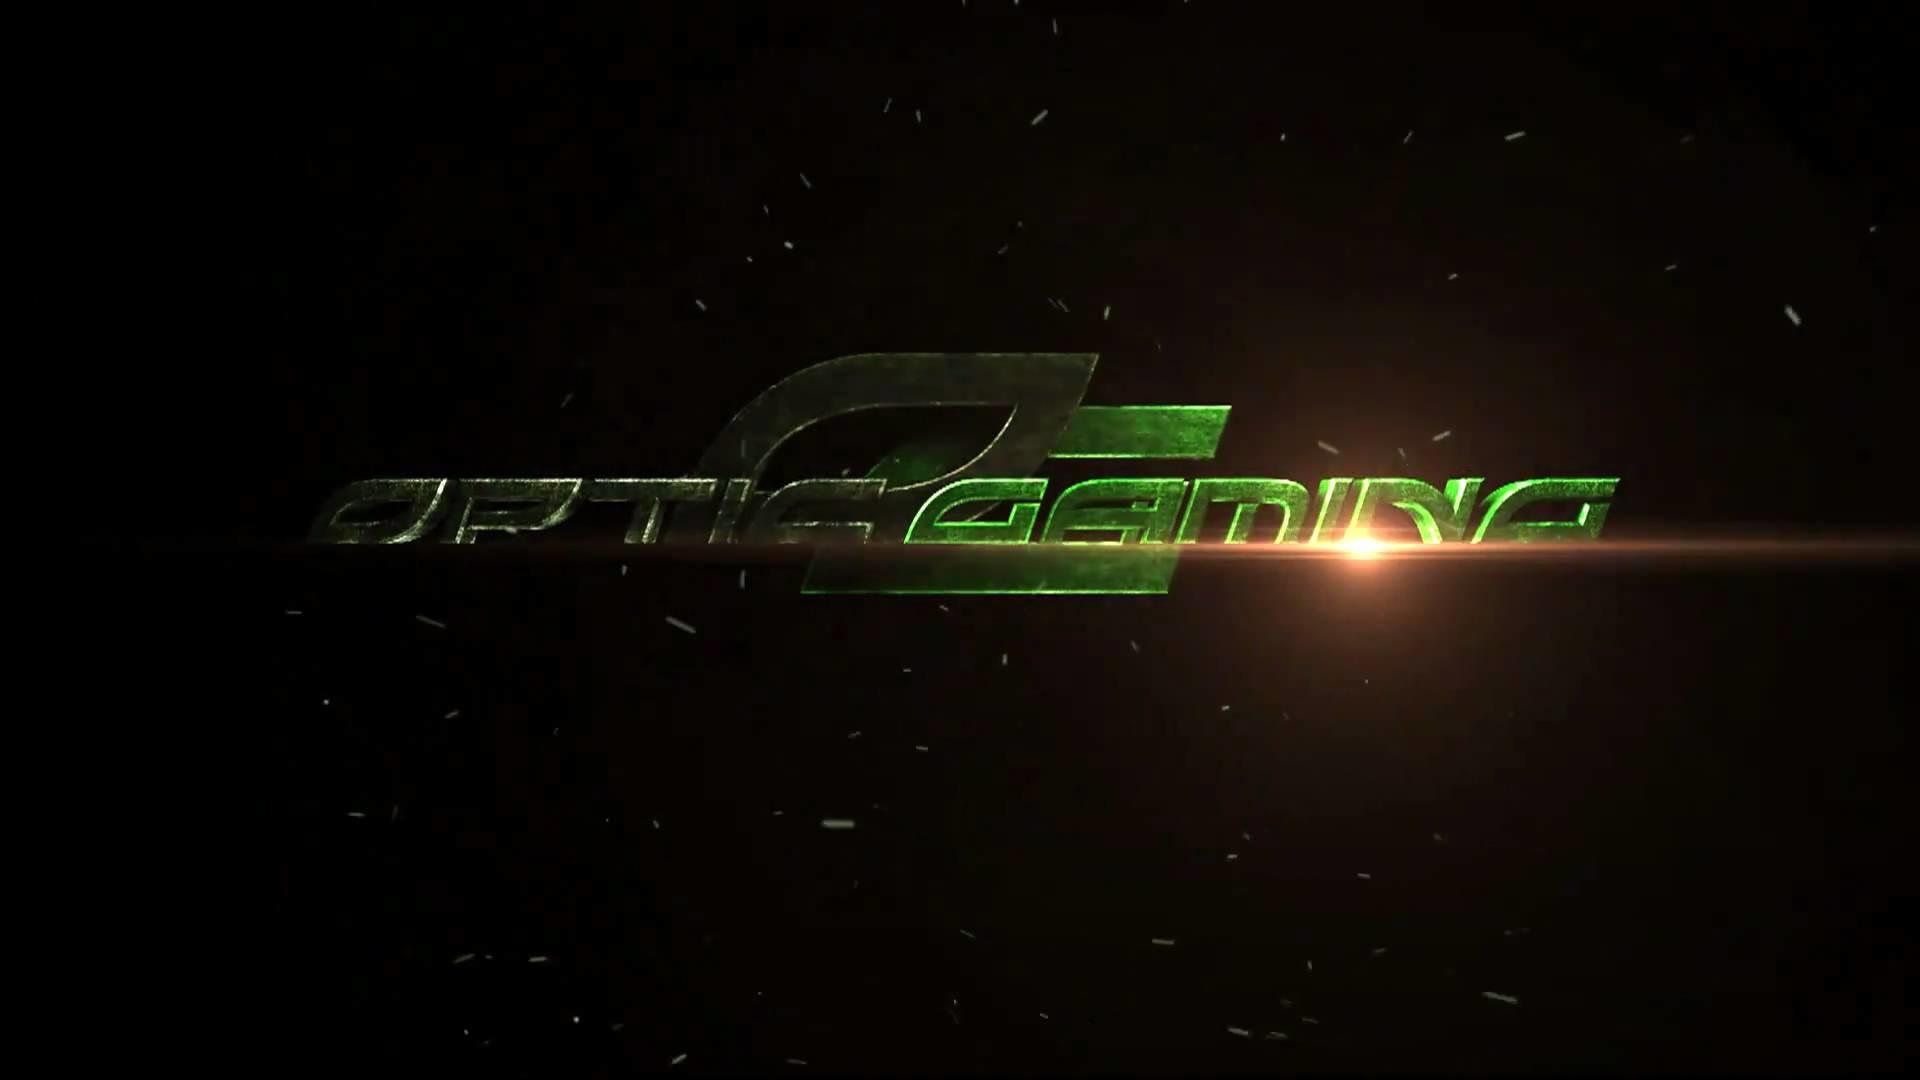 Game Wallpaper: Optic Gaming Green Wall Desktop Wallpaper For HD .